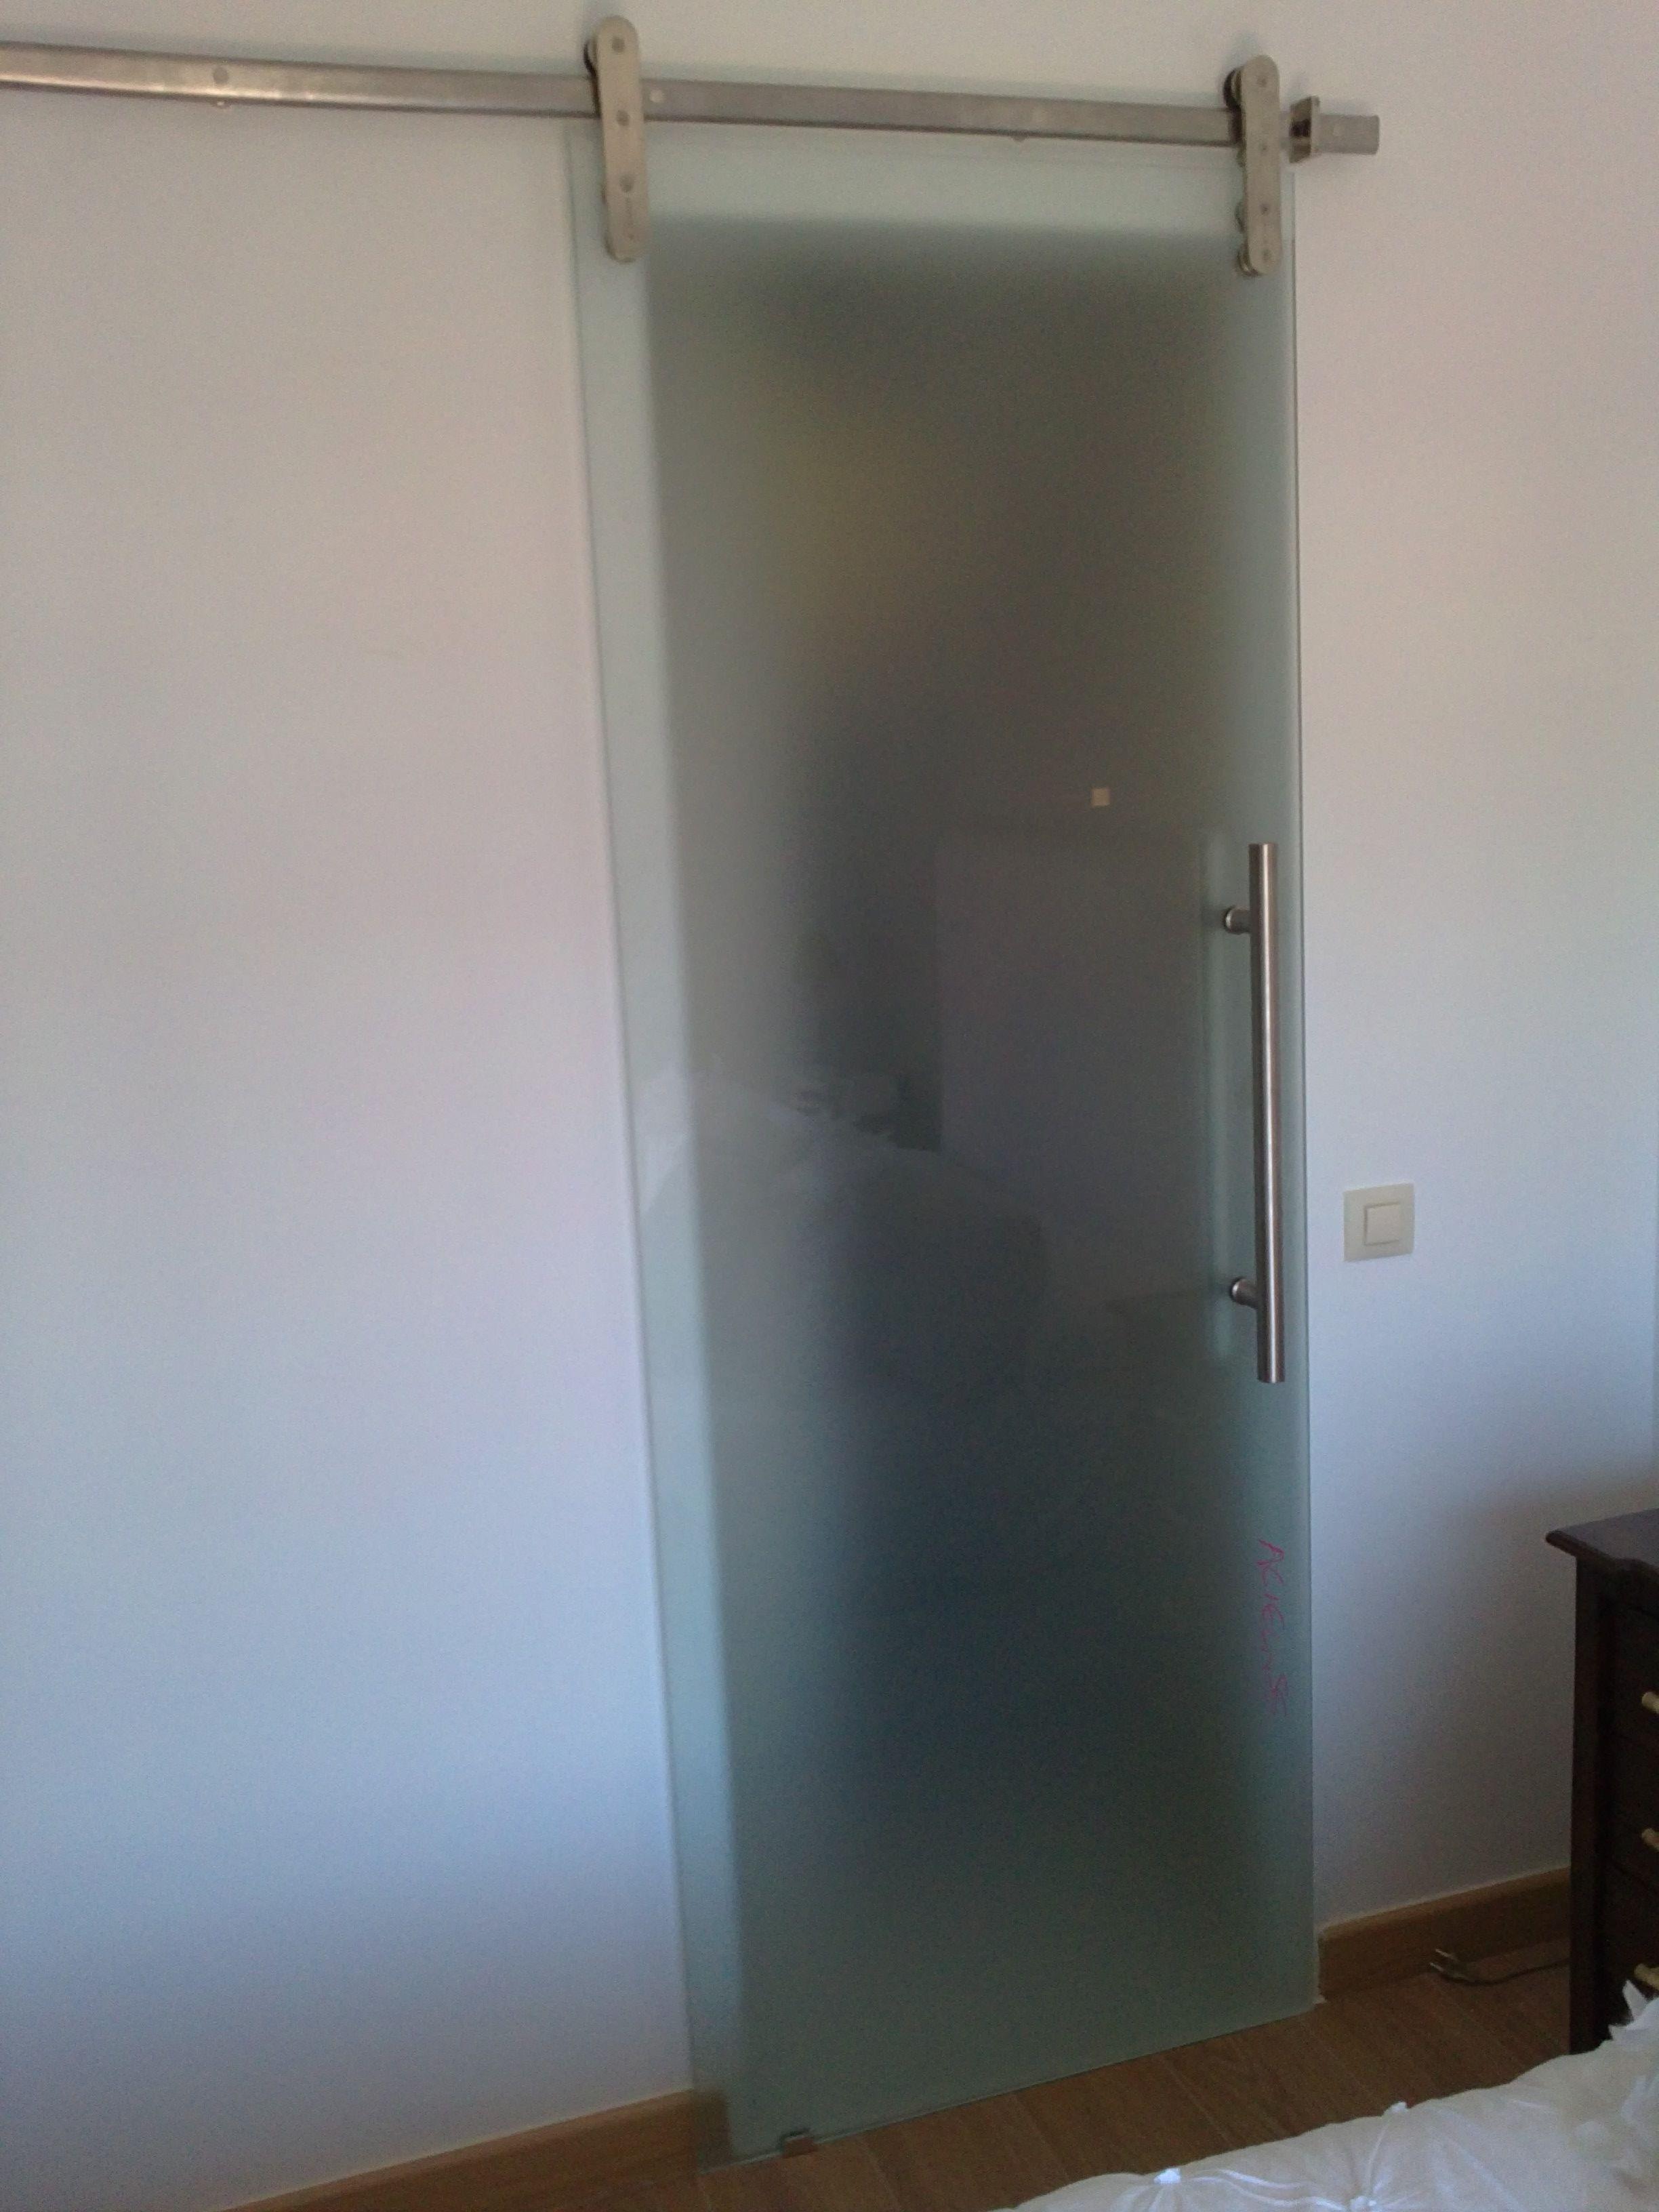 Puerta de cristal templado con sistema de corredera con gu as de acero inoxidable puertas - Puerta empotrada corredera ...